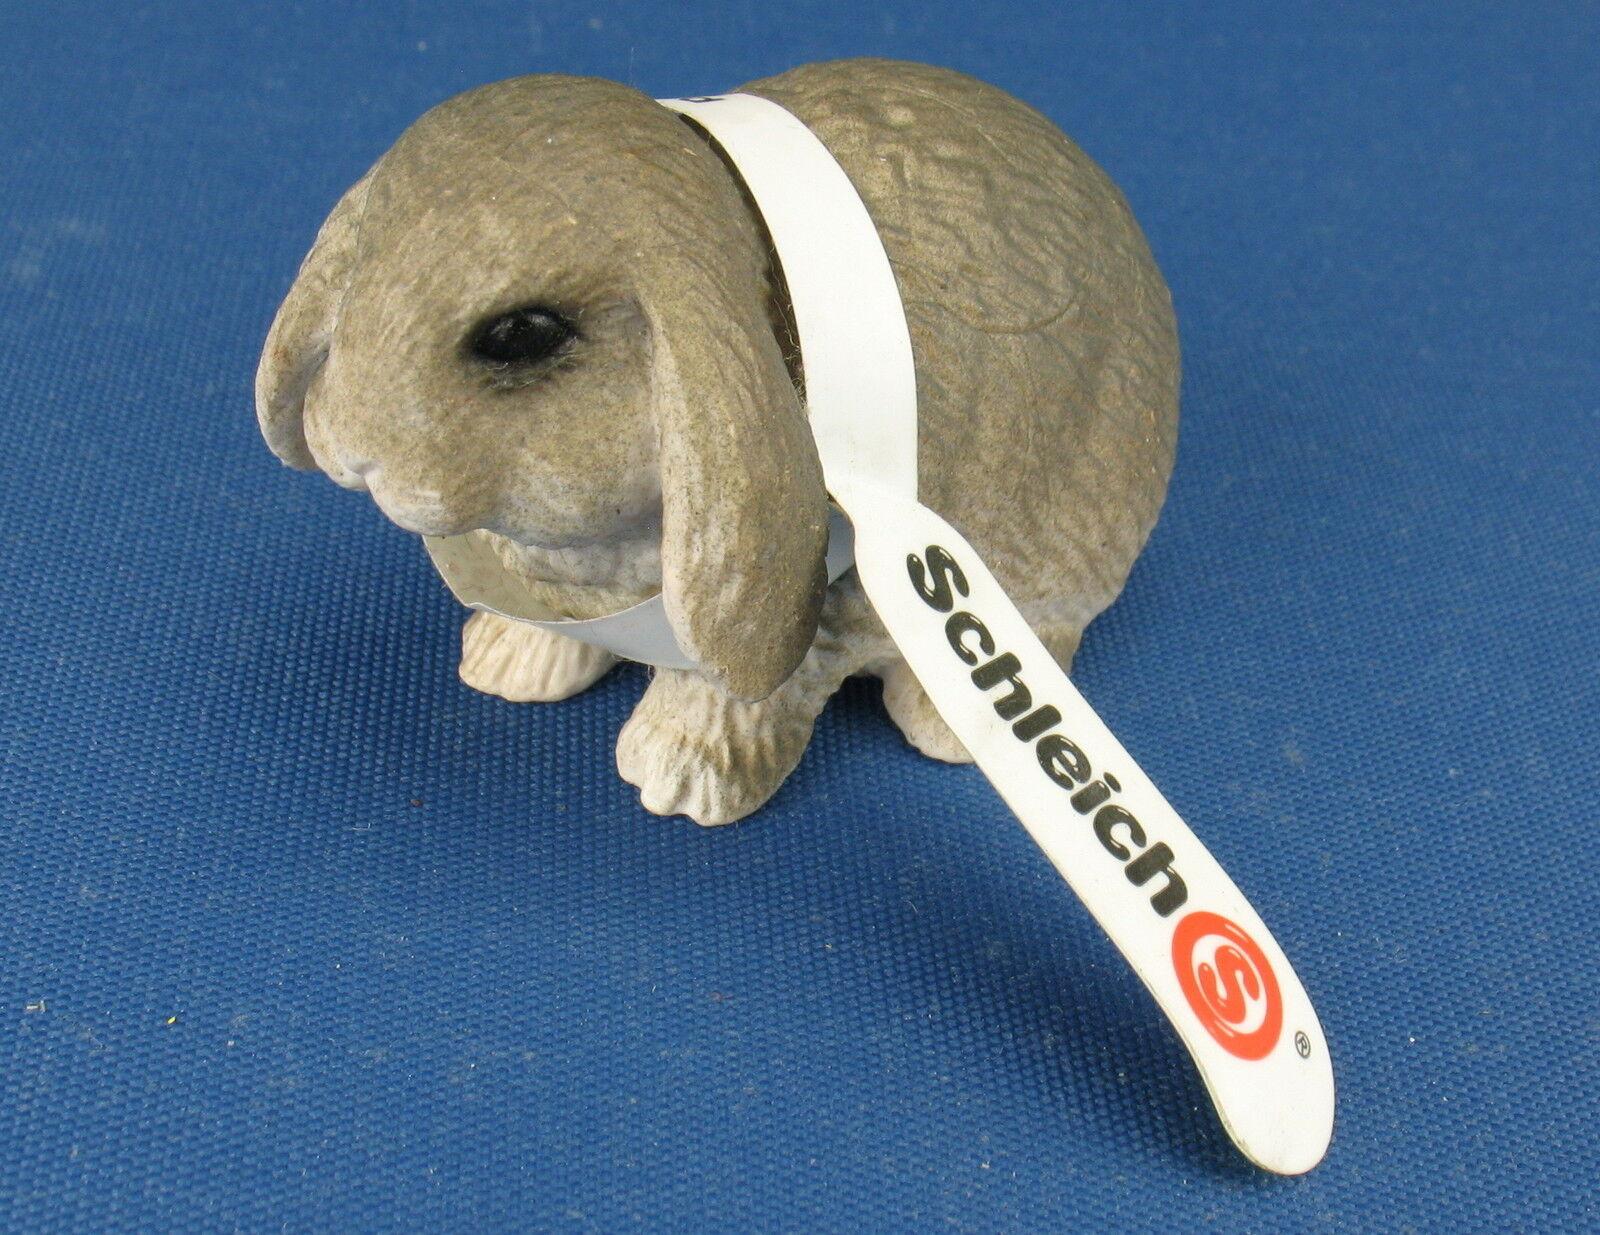 SCHLEICH 14401 - - - Zwergkaninchen - mit Fähnchen - Pygmy Rabbit - Haustiere -Pets abe881